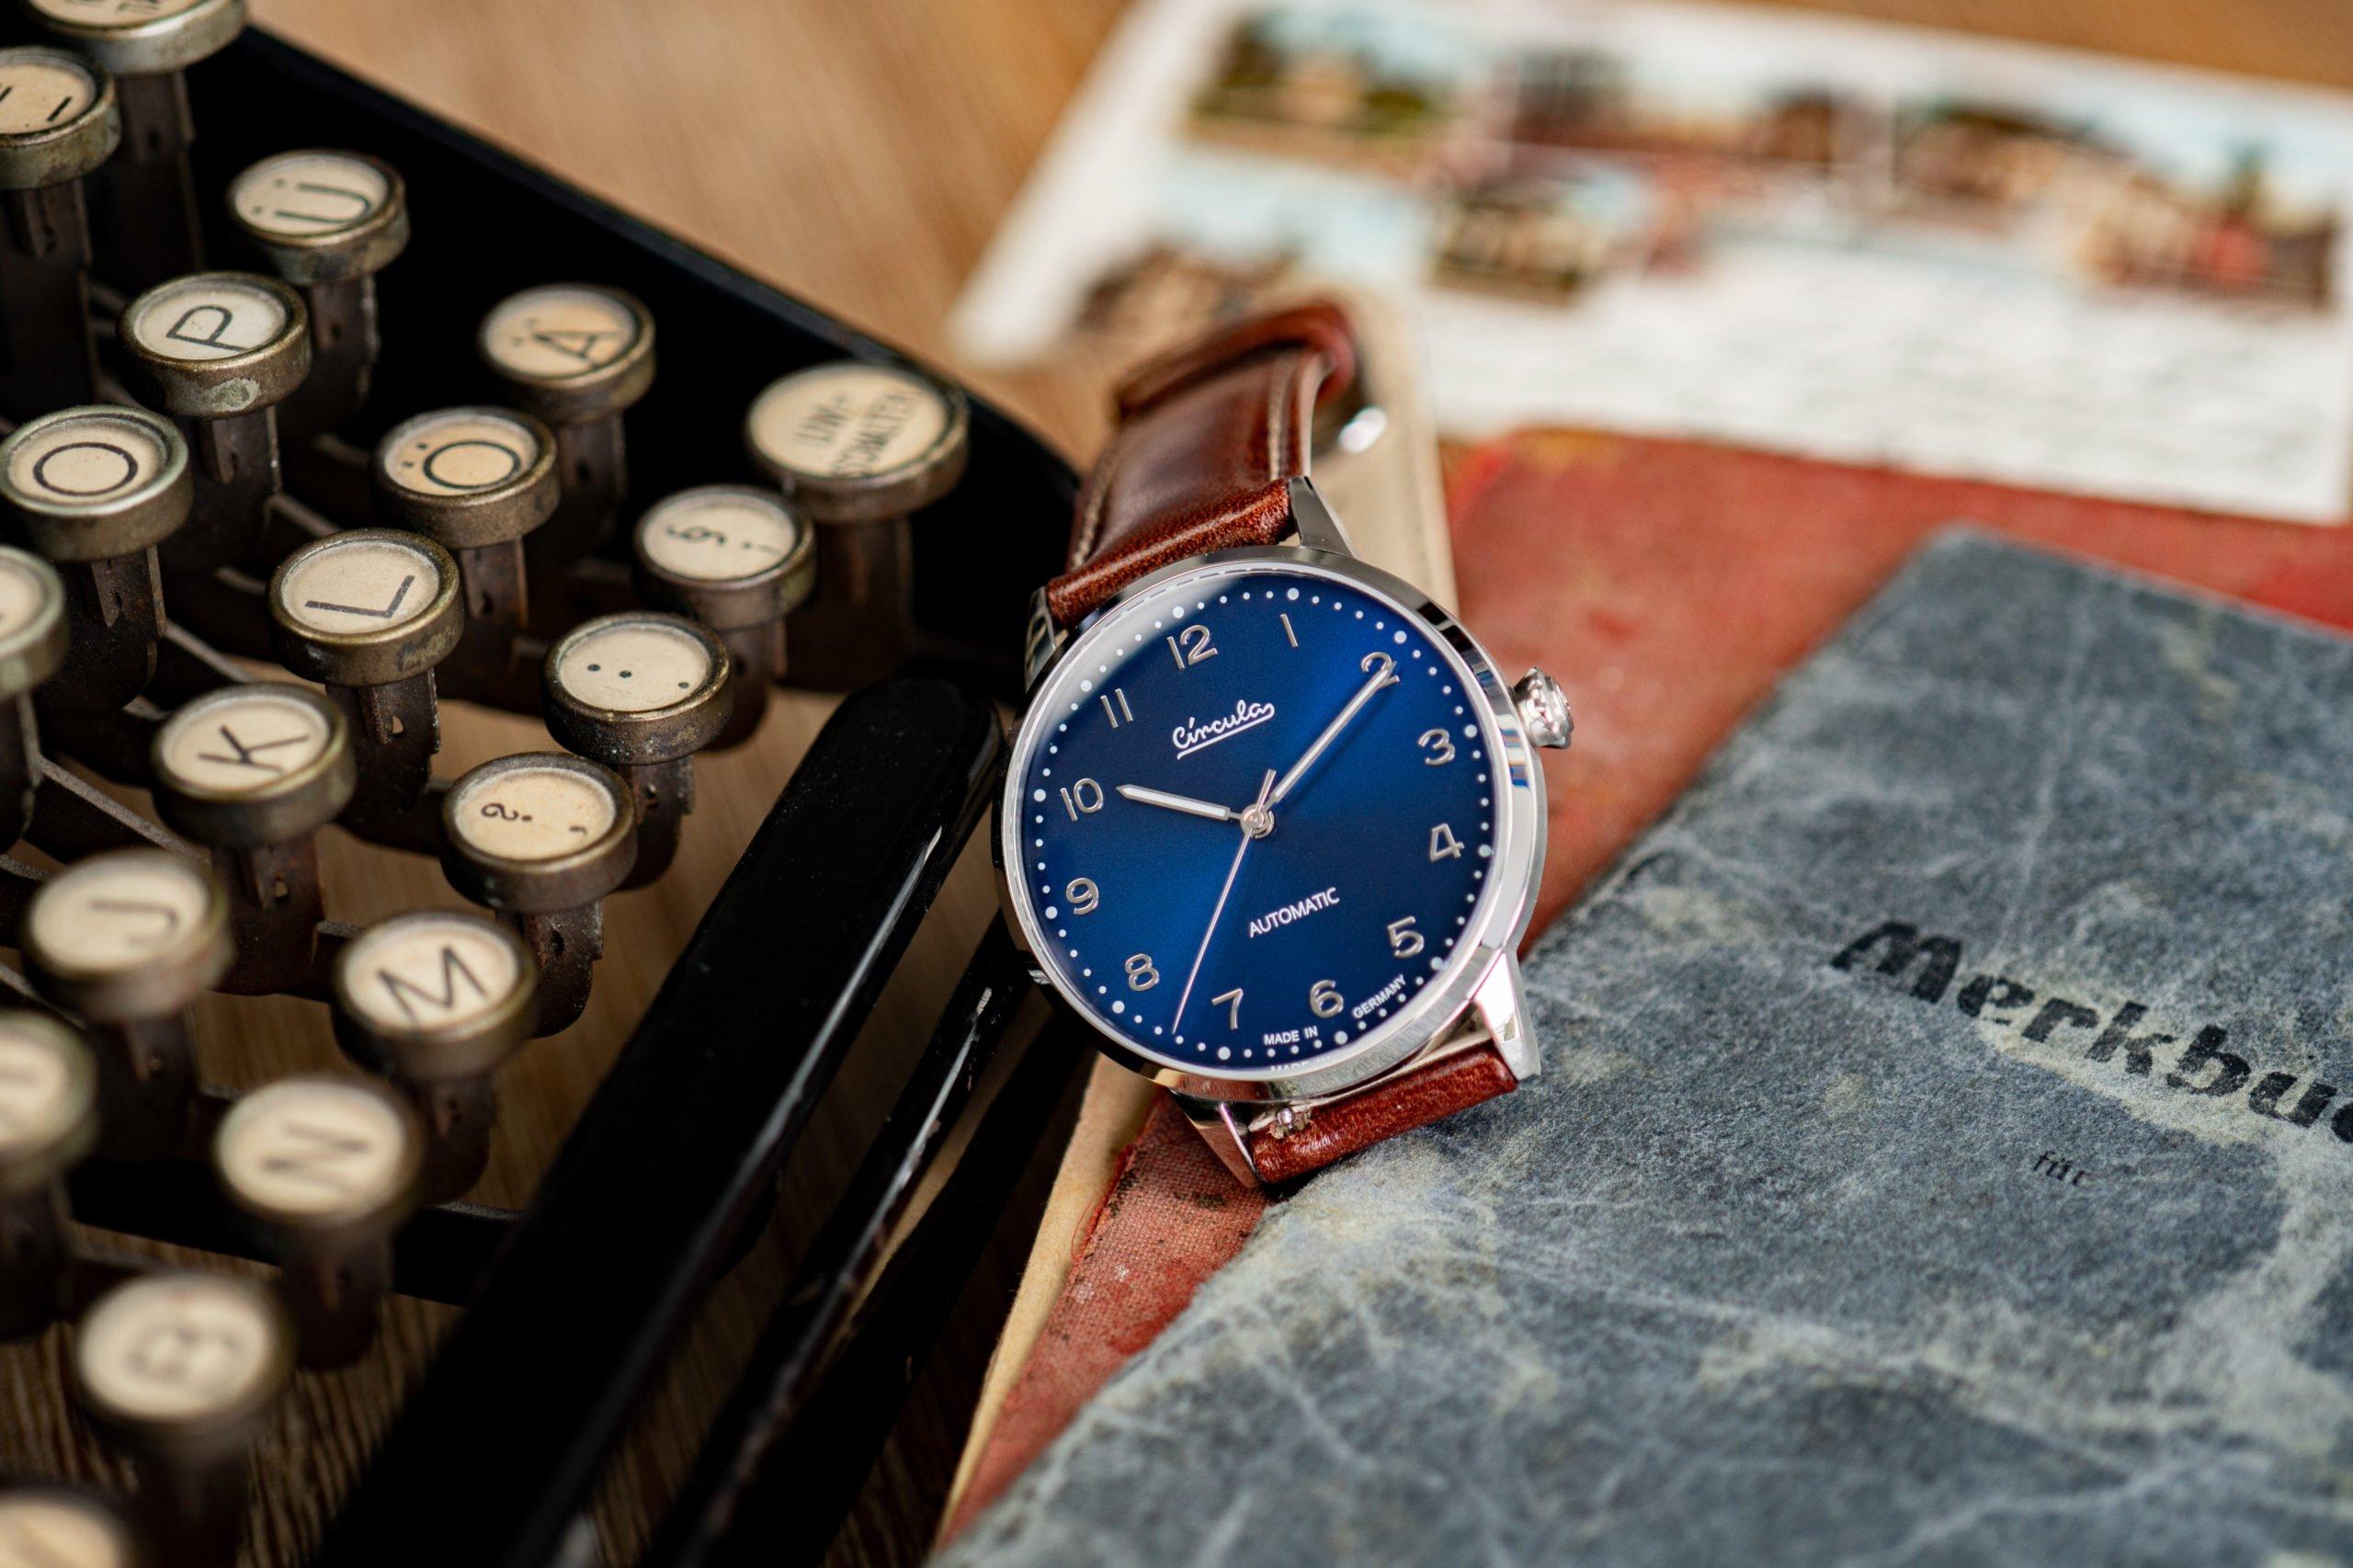 Circula-Heritage-Uhr-Test-PUW-Werke